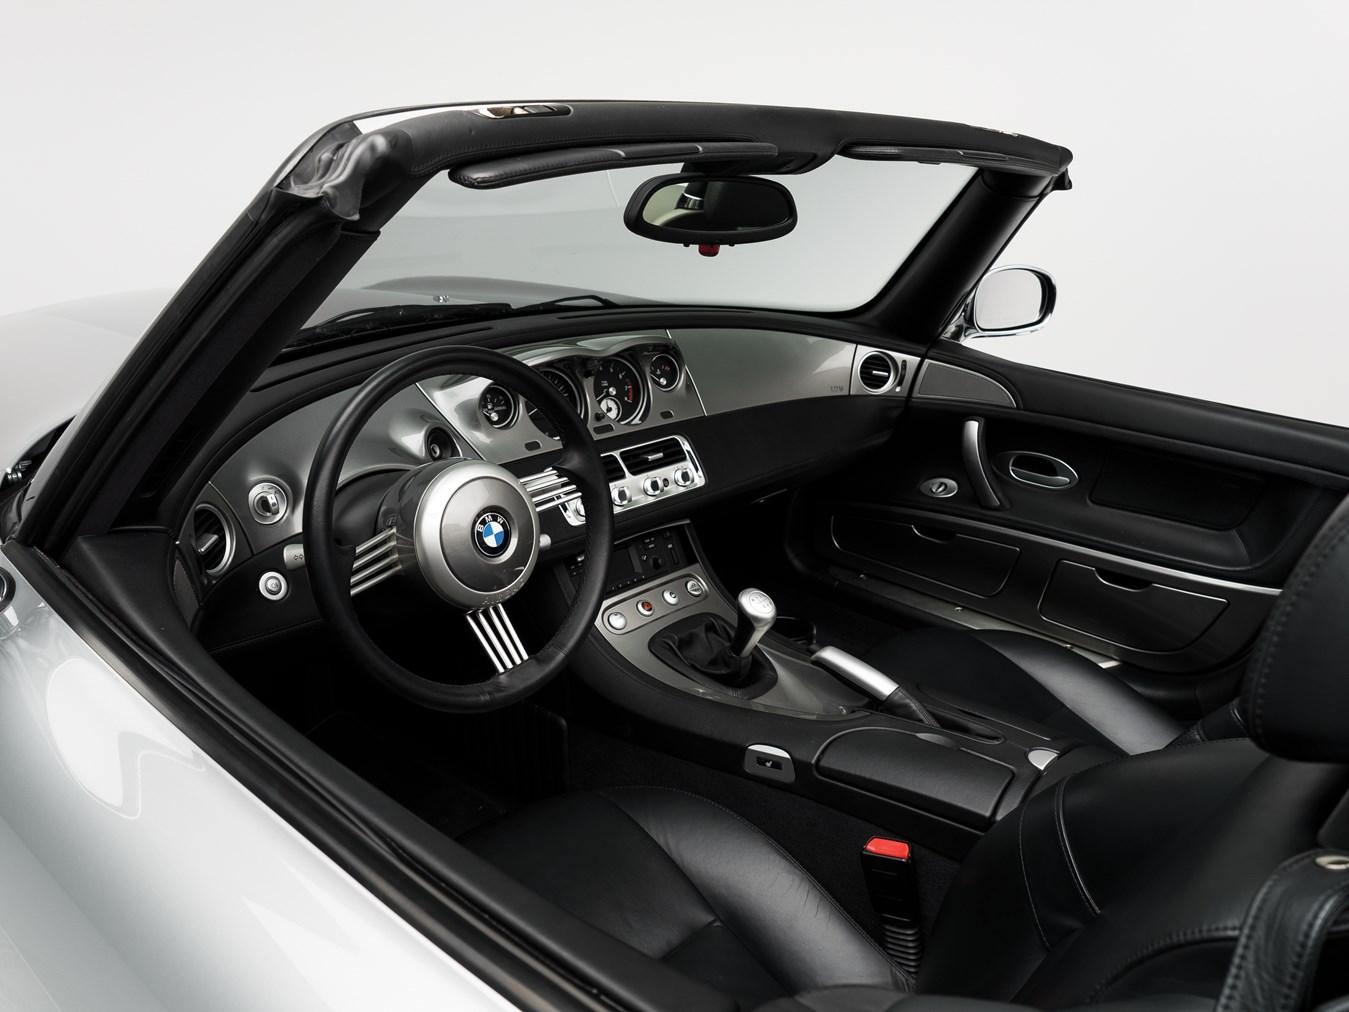 2000 BMW Z8 interior